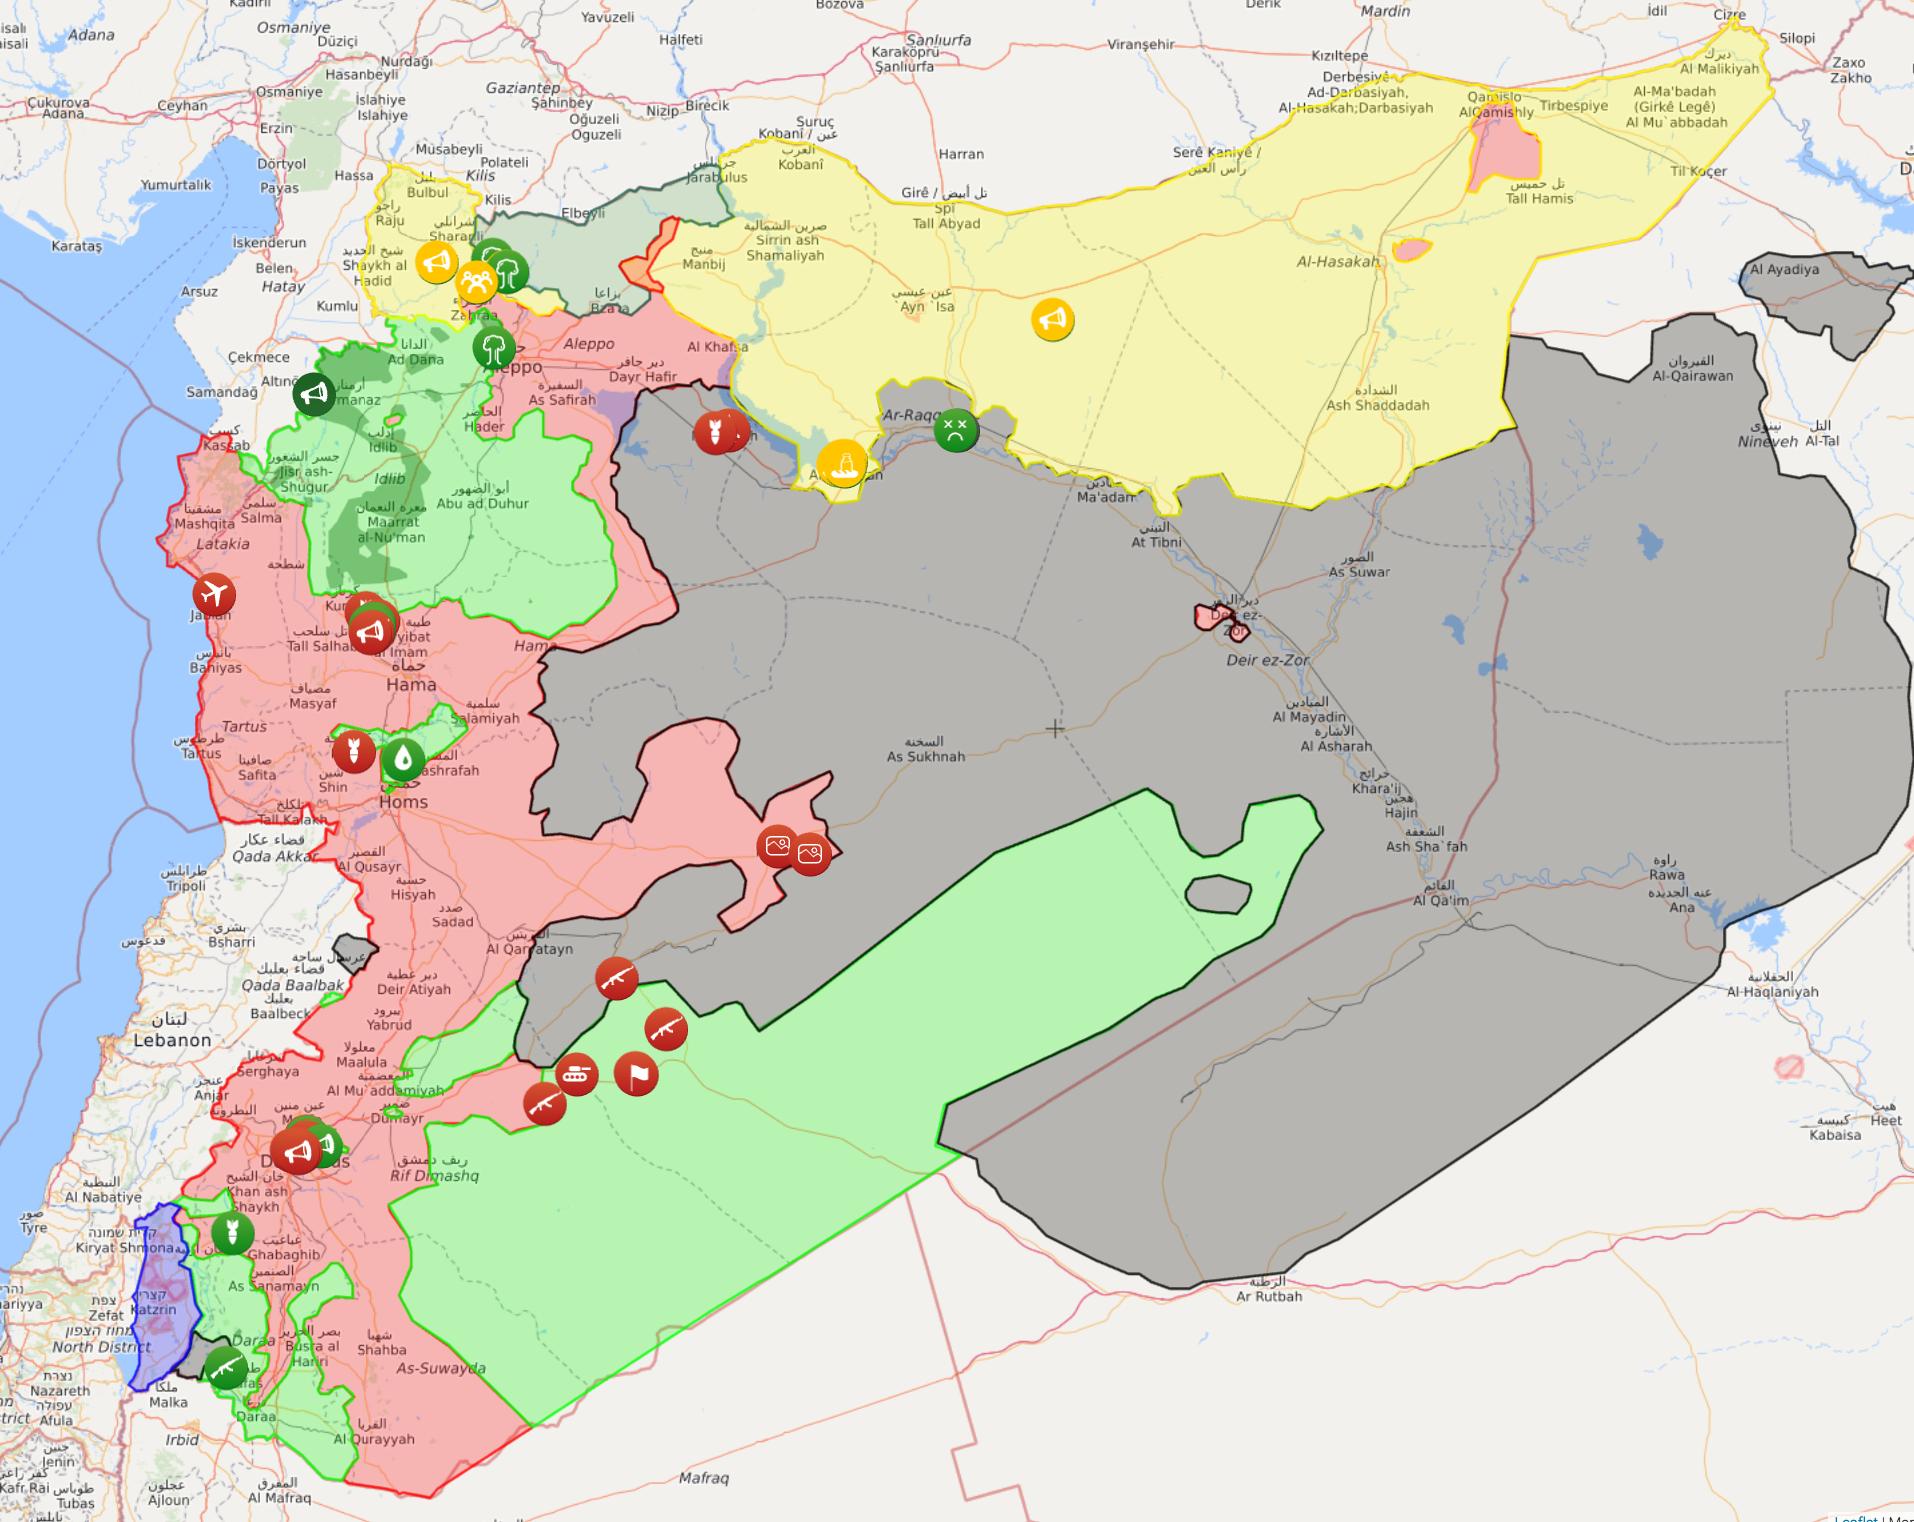 خريطة السيطرة في سوريا - 8 أيار 2017 (liveuamap)